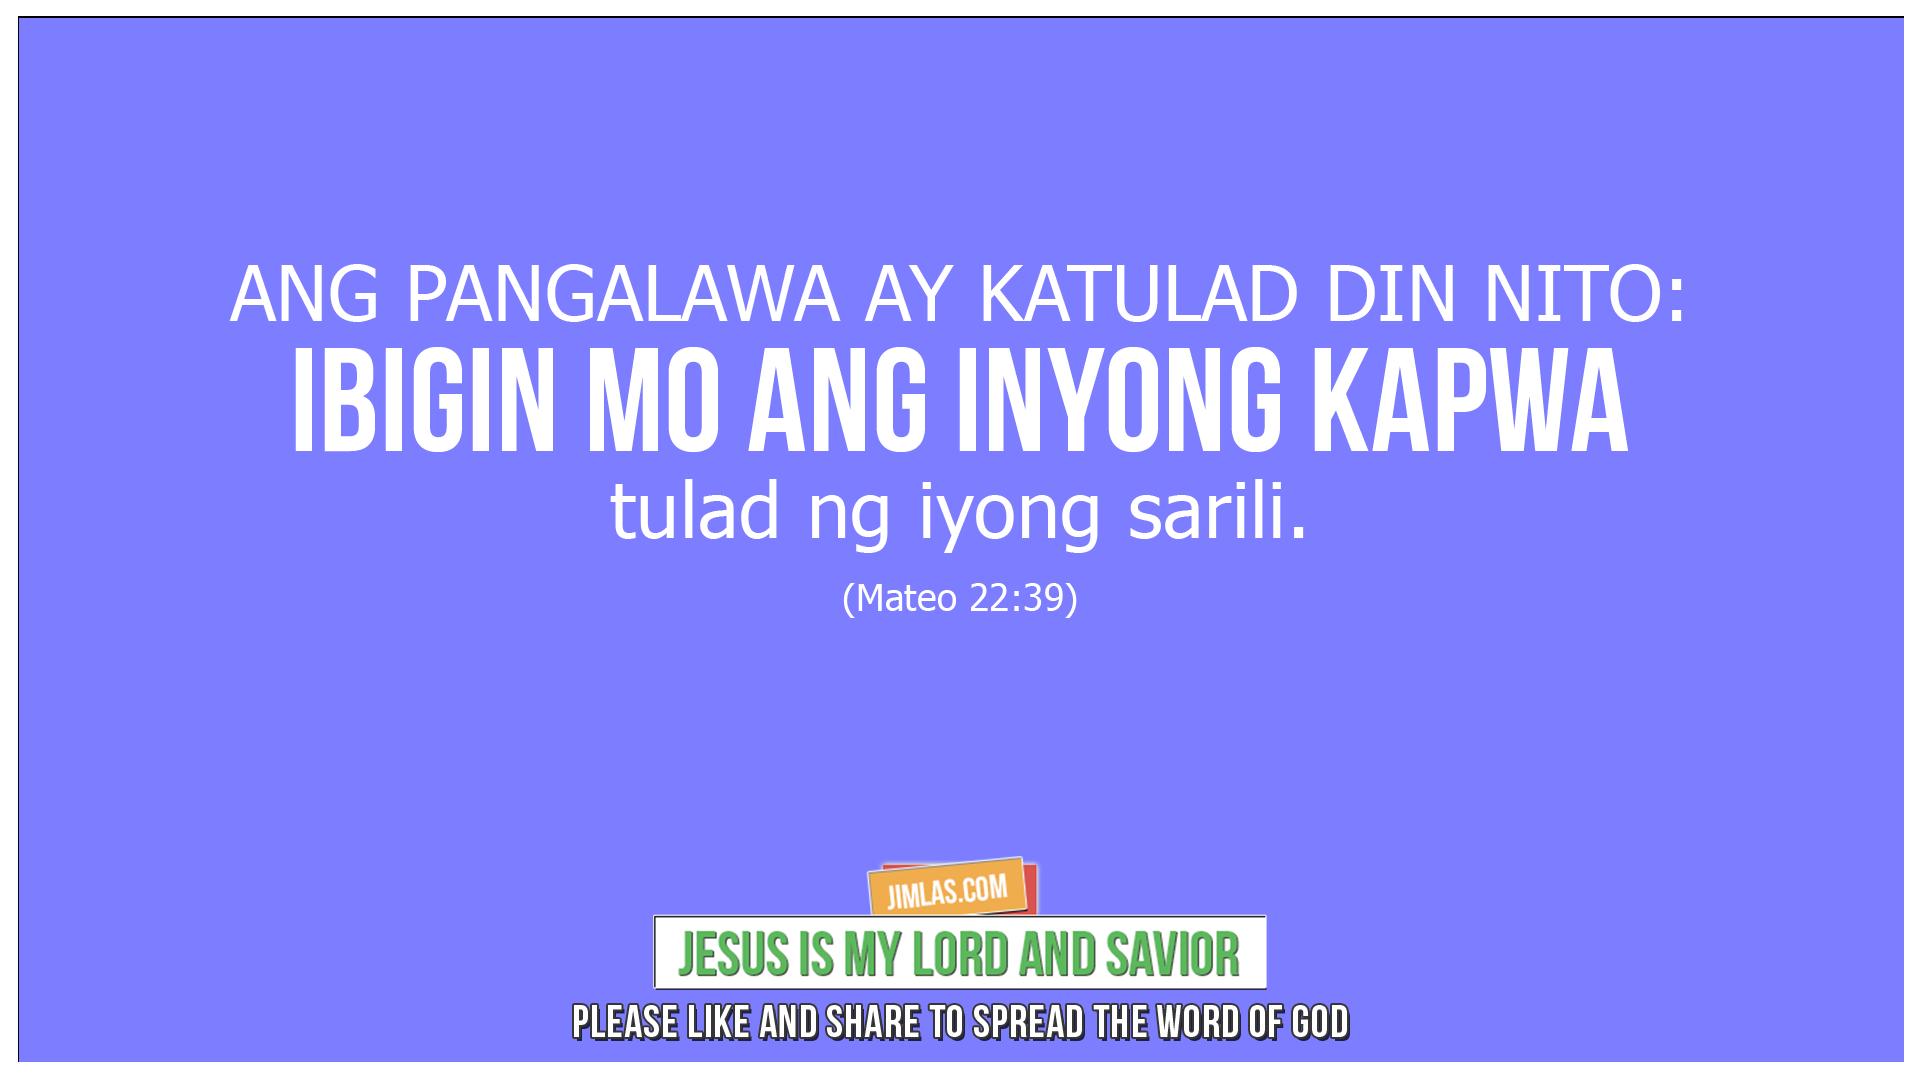 mateo 22 39, Mateo 22:39